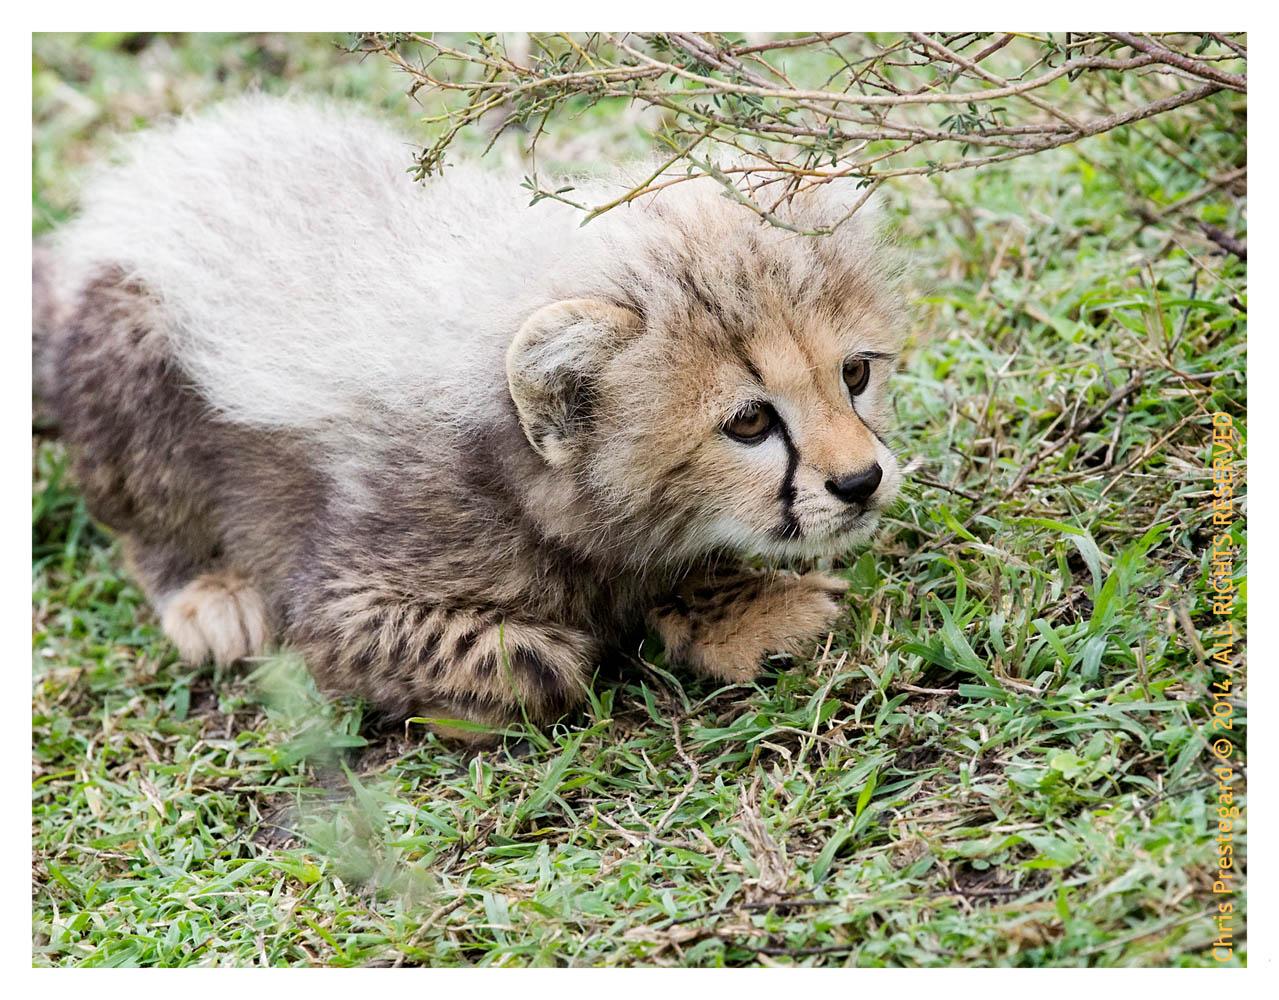 cheetah2815-Apr8-2014